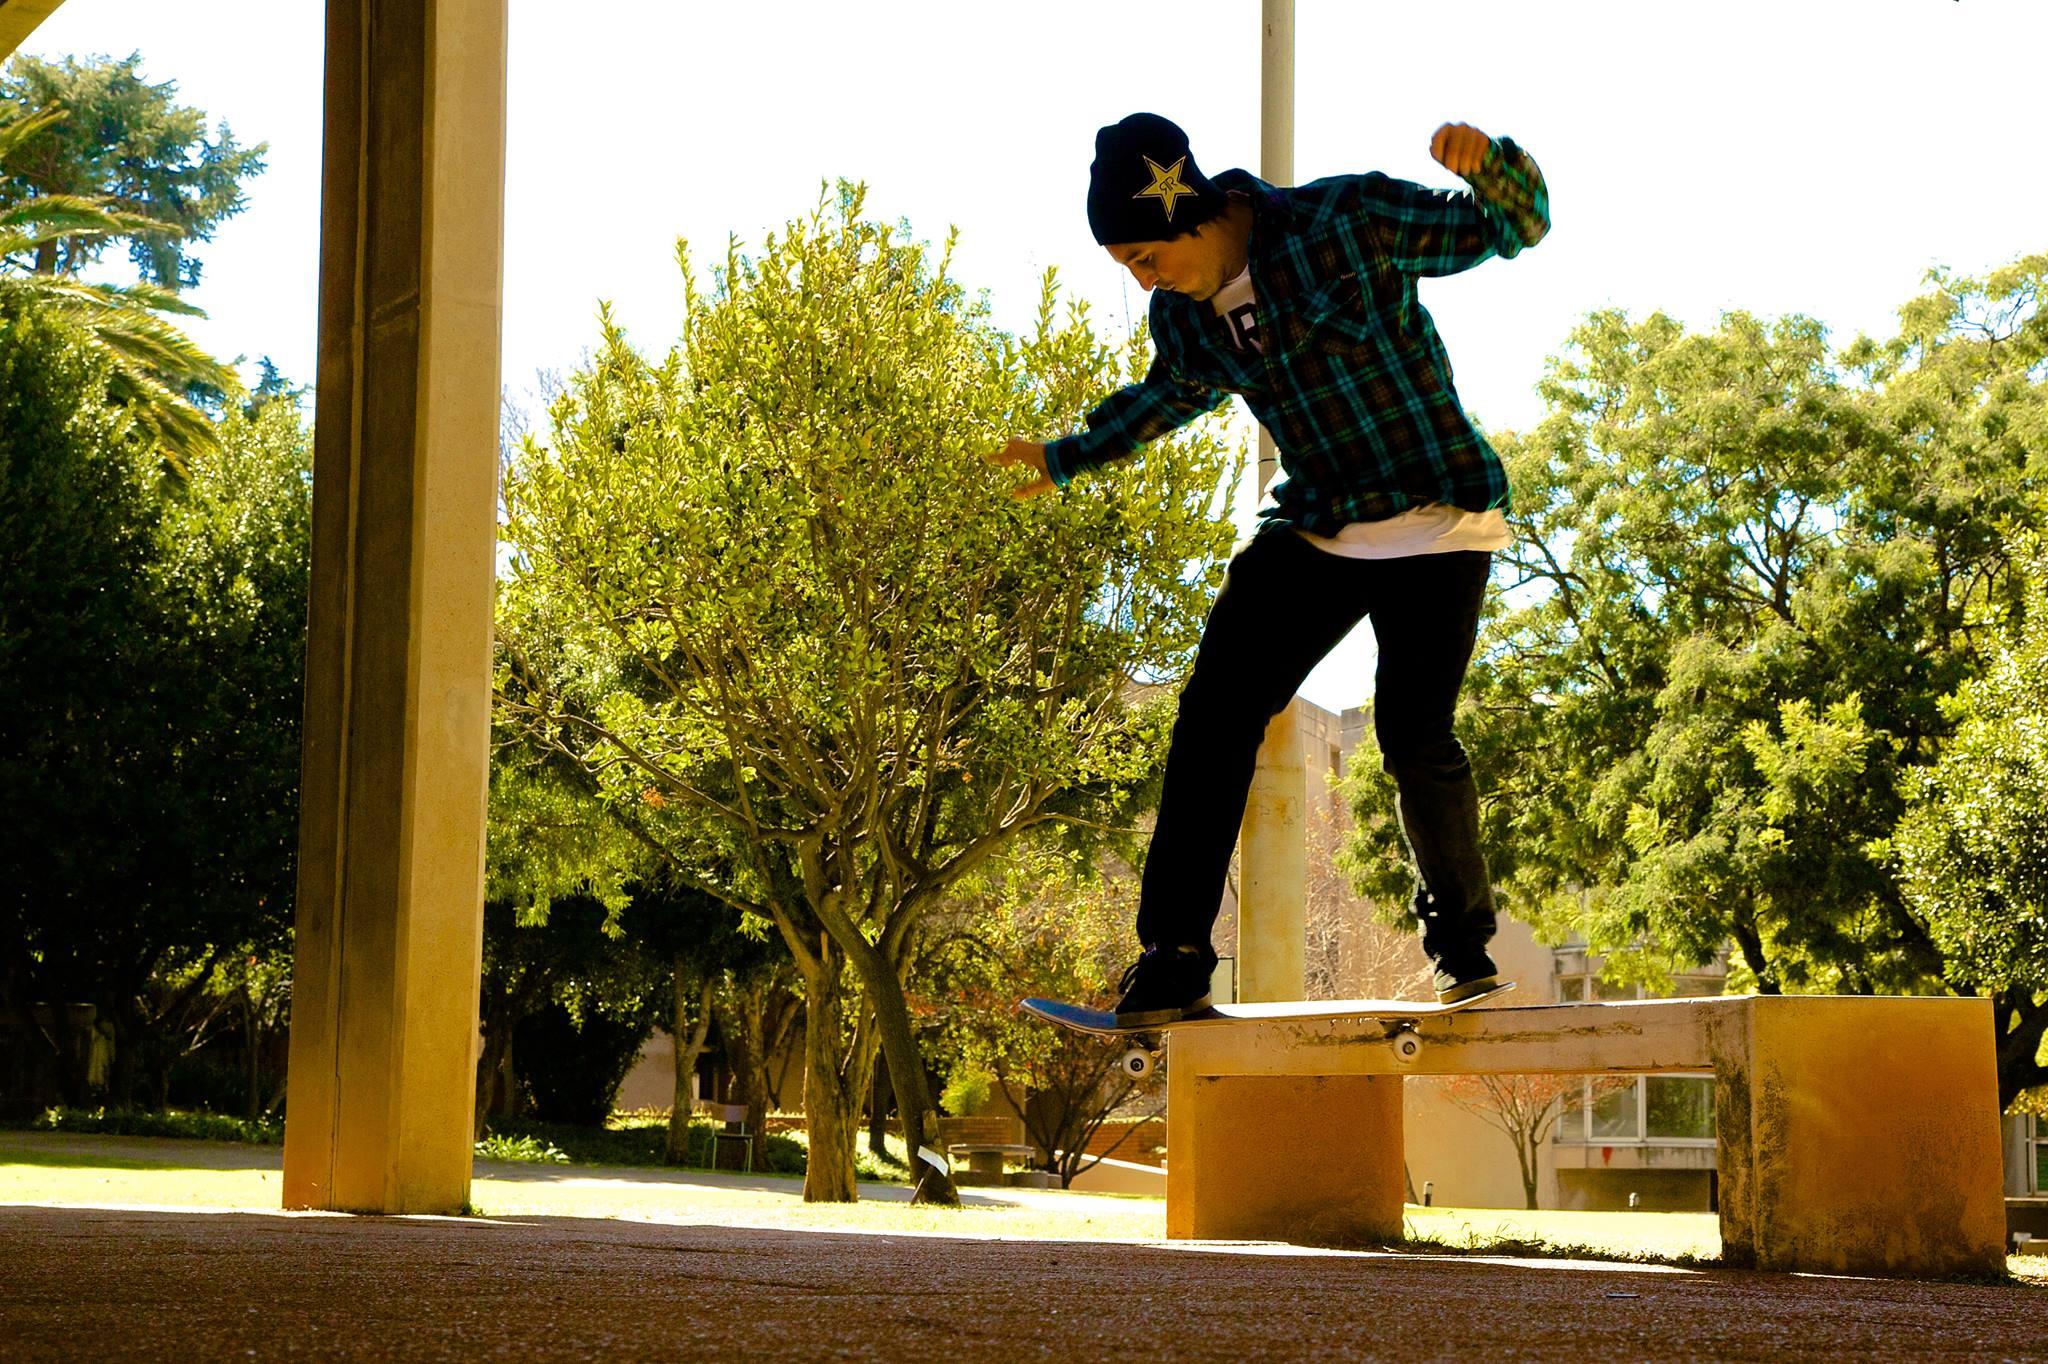 We interview Skateboarding star Dean Marais